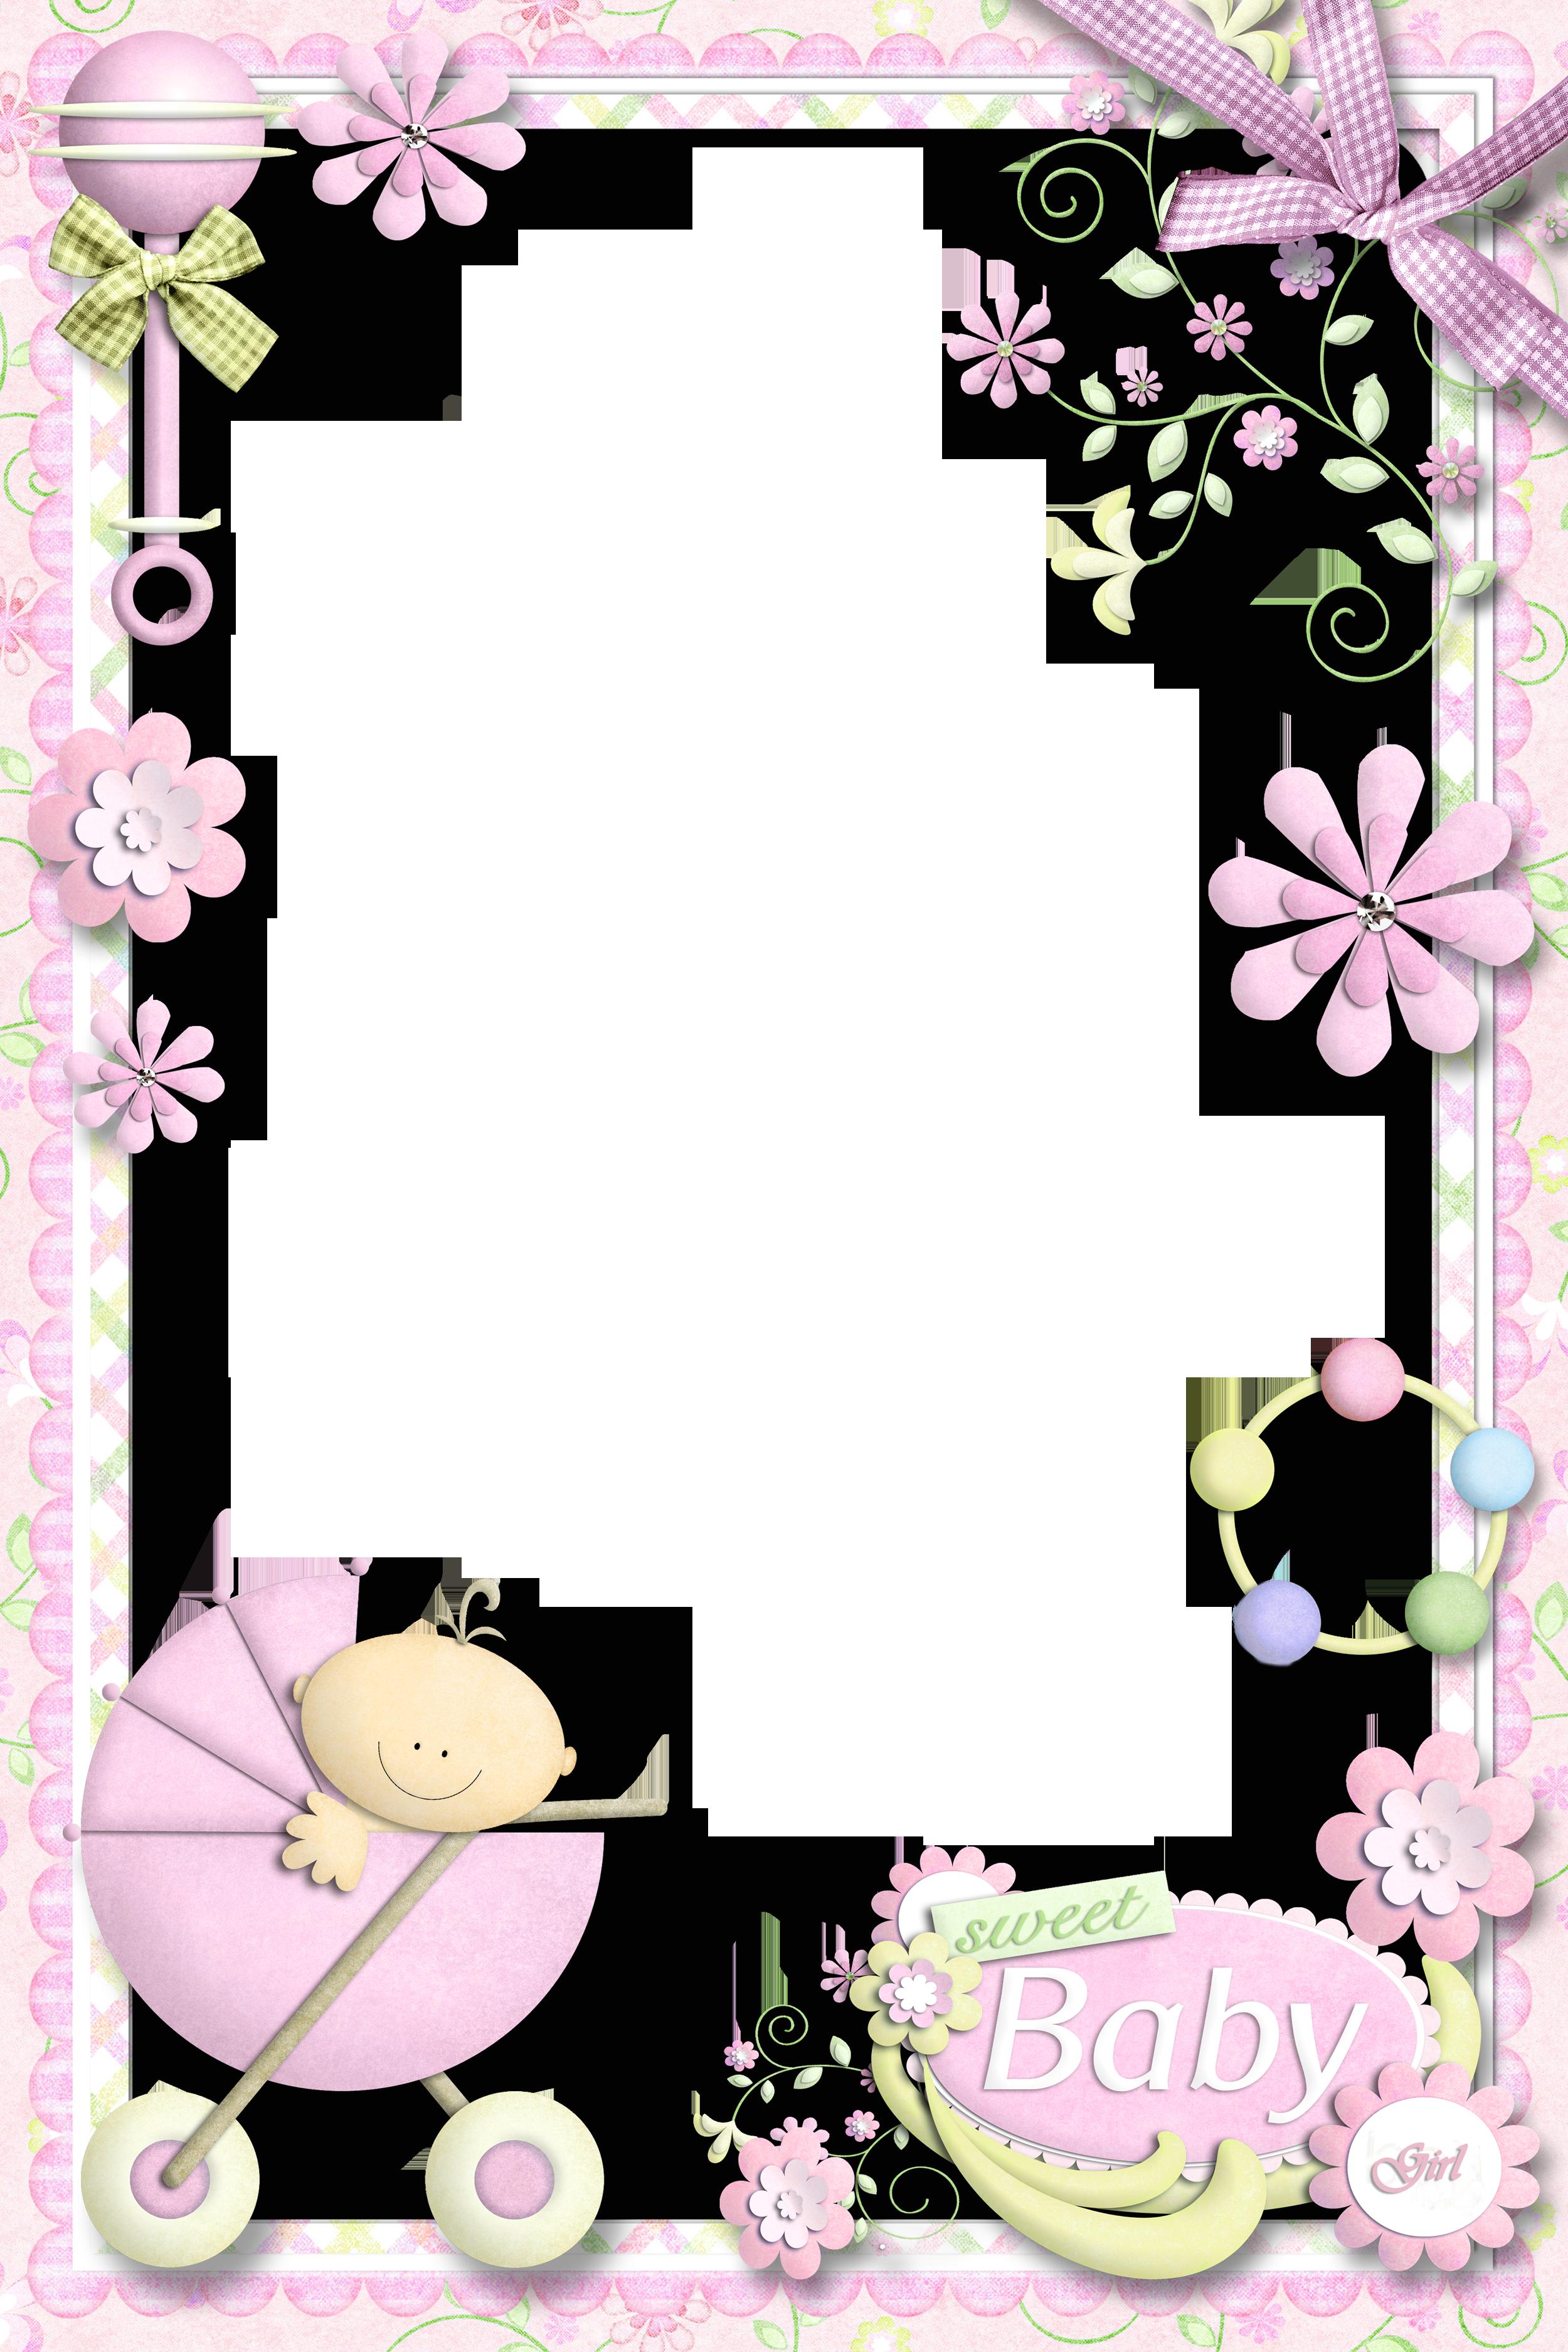 Handprint clipart baby girl. Photo frame for frames